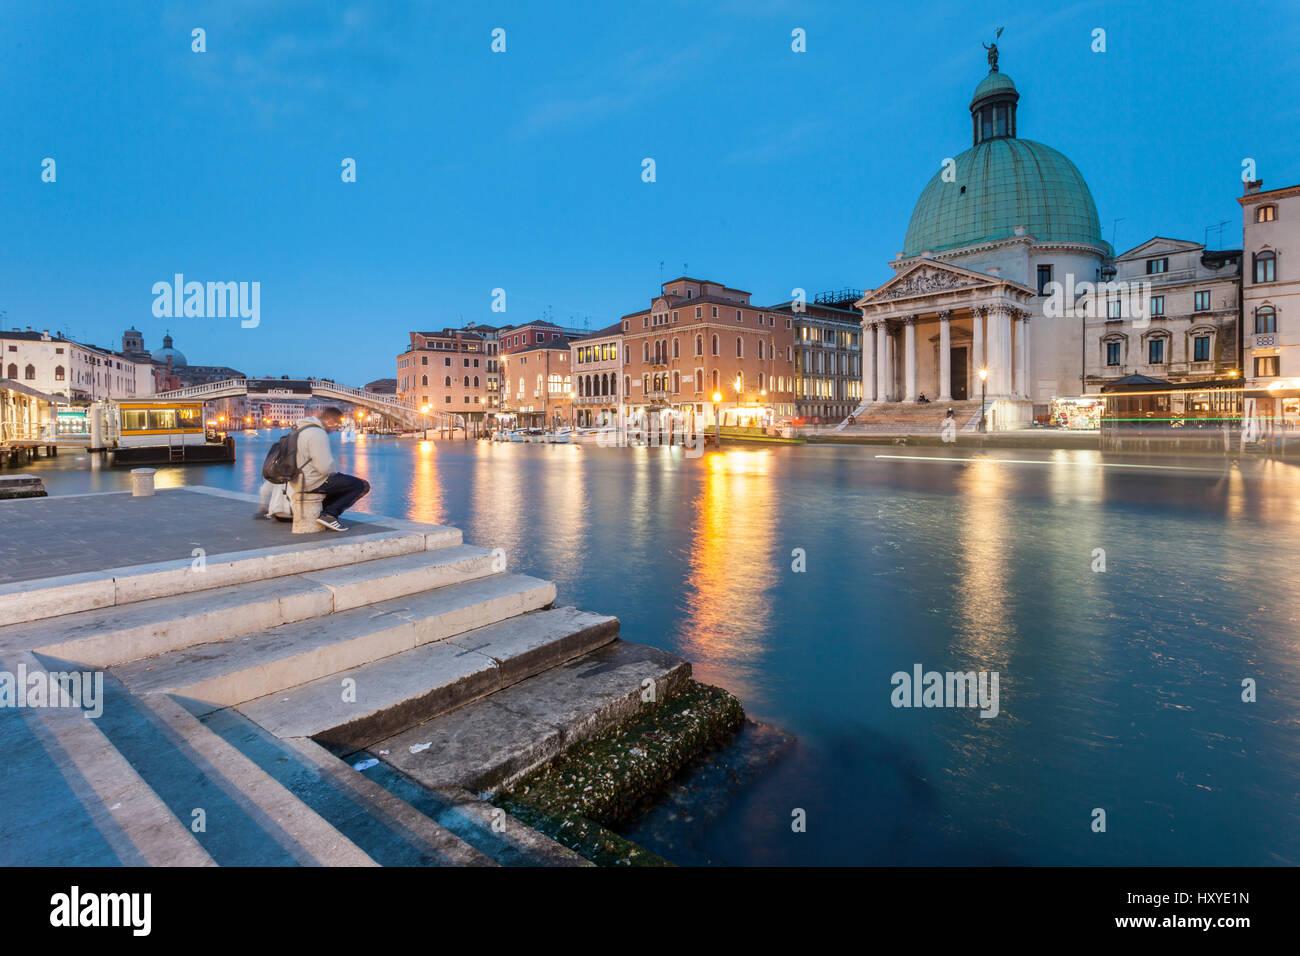 La nuit tombe sur le Grand Canal à Venise, Italie. Célèbre Dôme de San Simeone Piccolo. Photo Stock